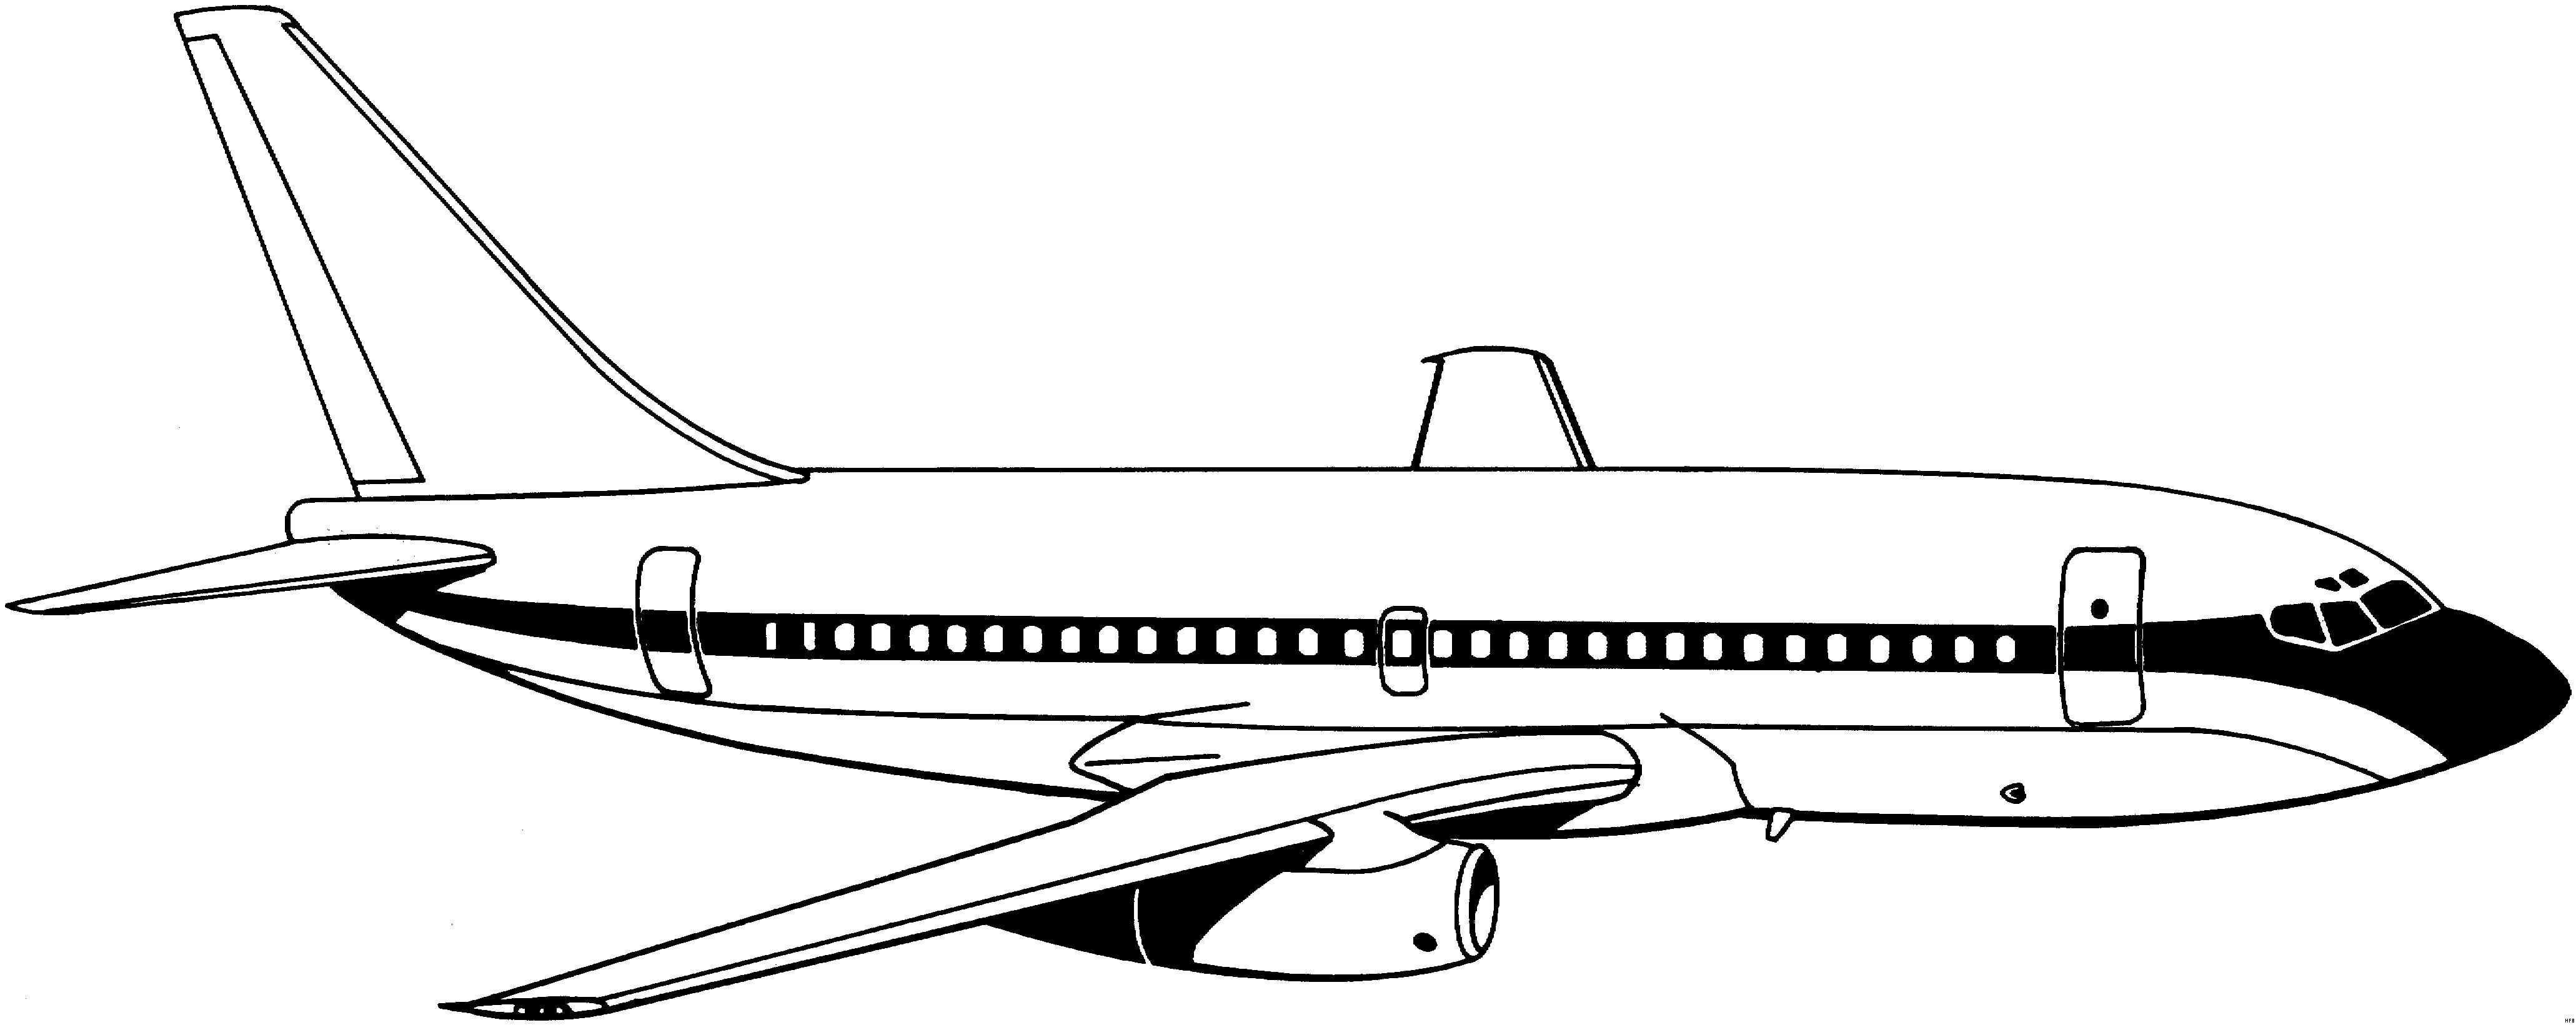 Flugzeuge Zum Ausmalen Neu 41 Einzigartig Ausmalbild Flugzeug – Große Coloring Page Sammlung Sammlung